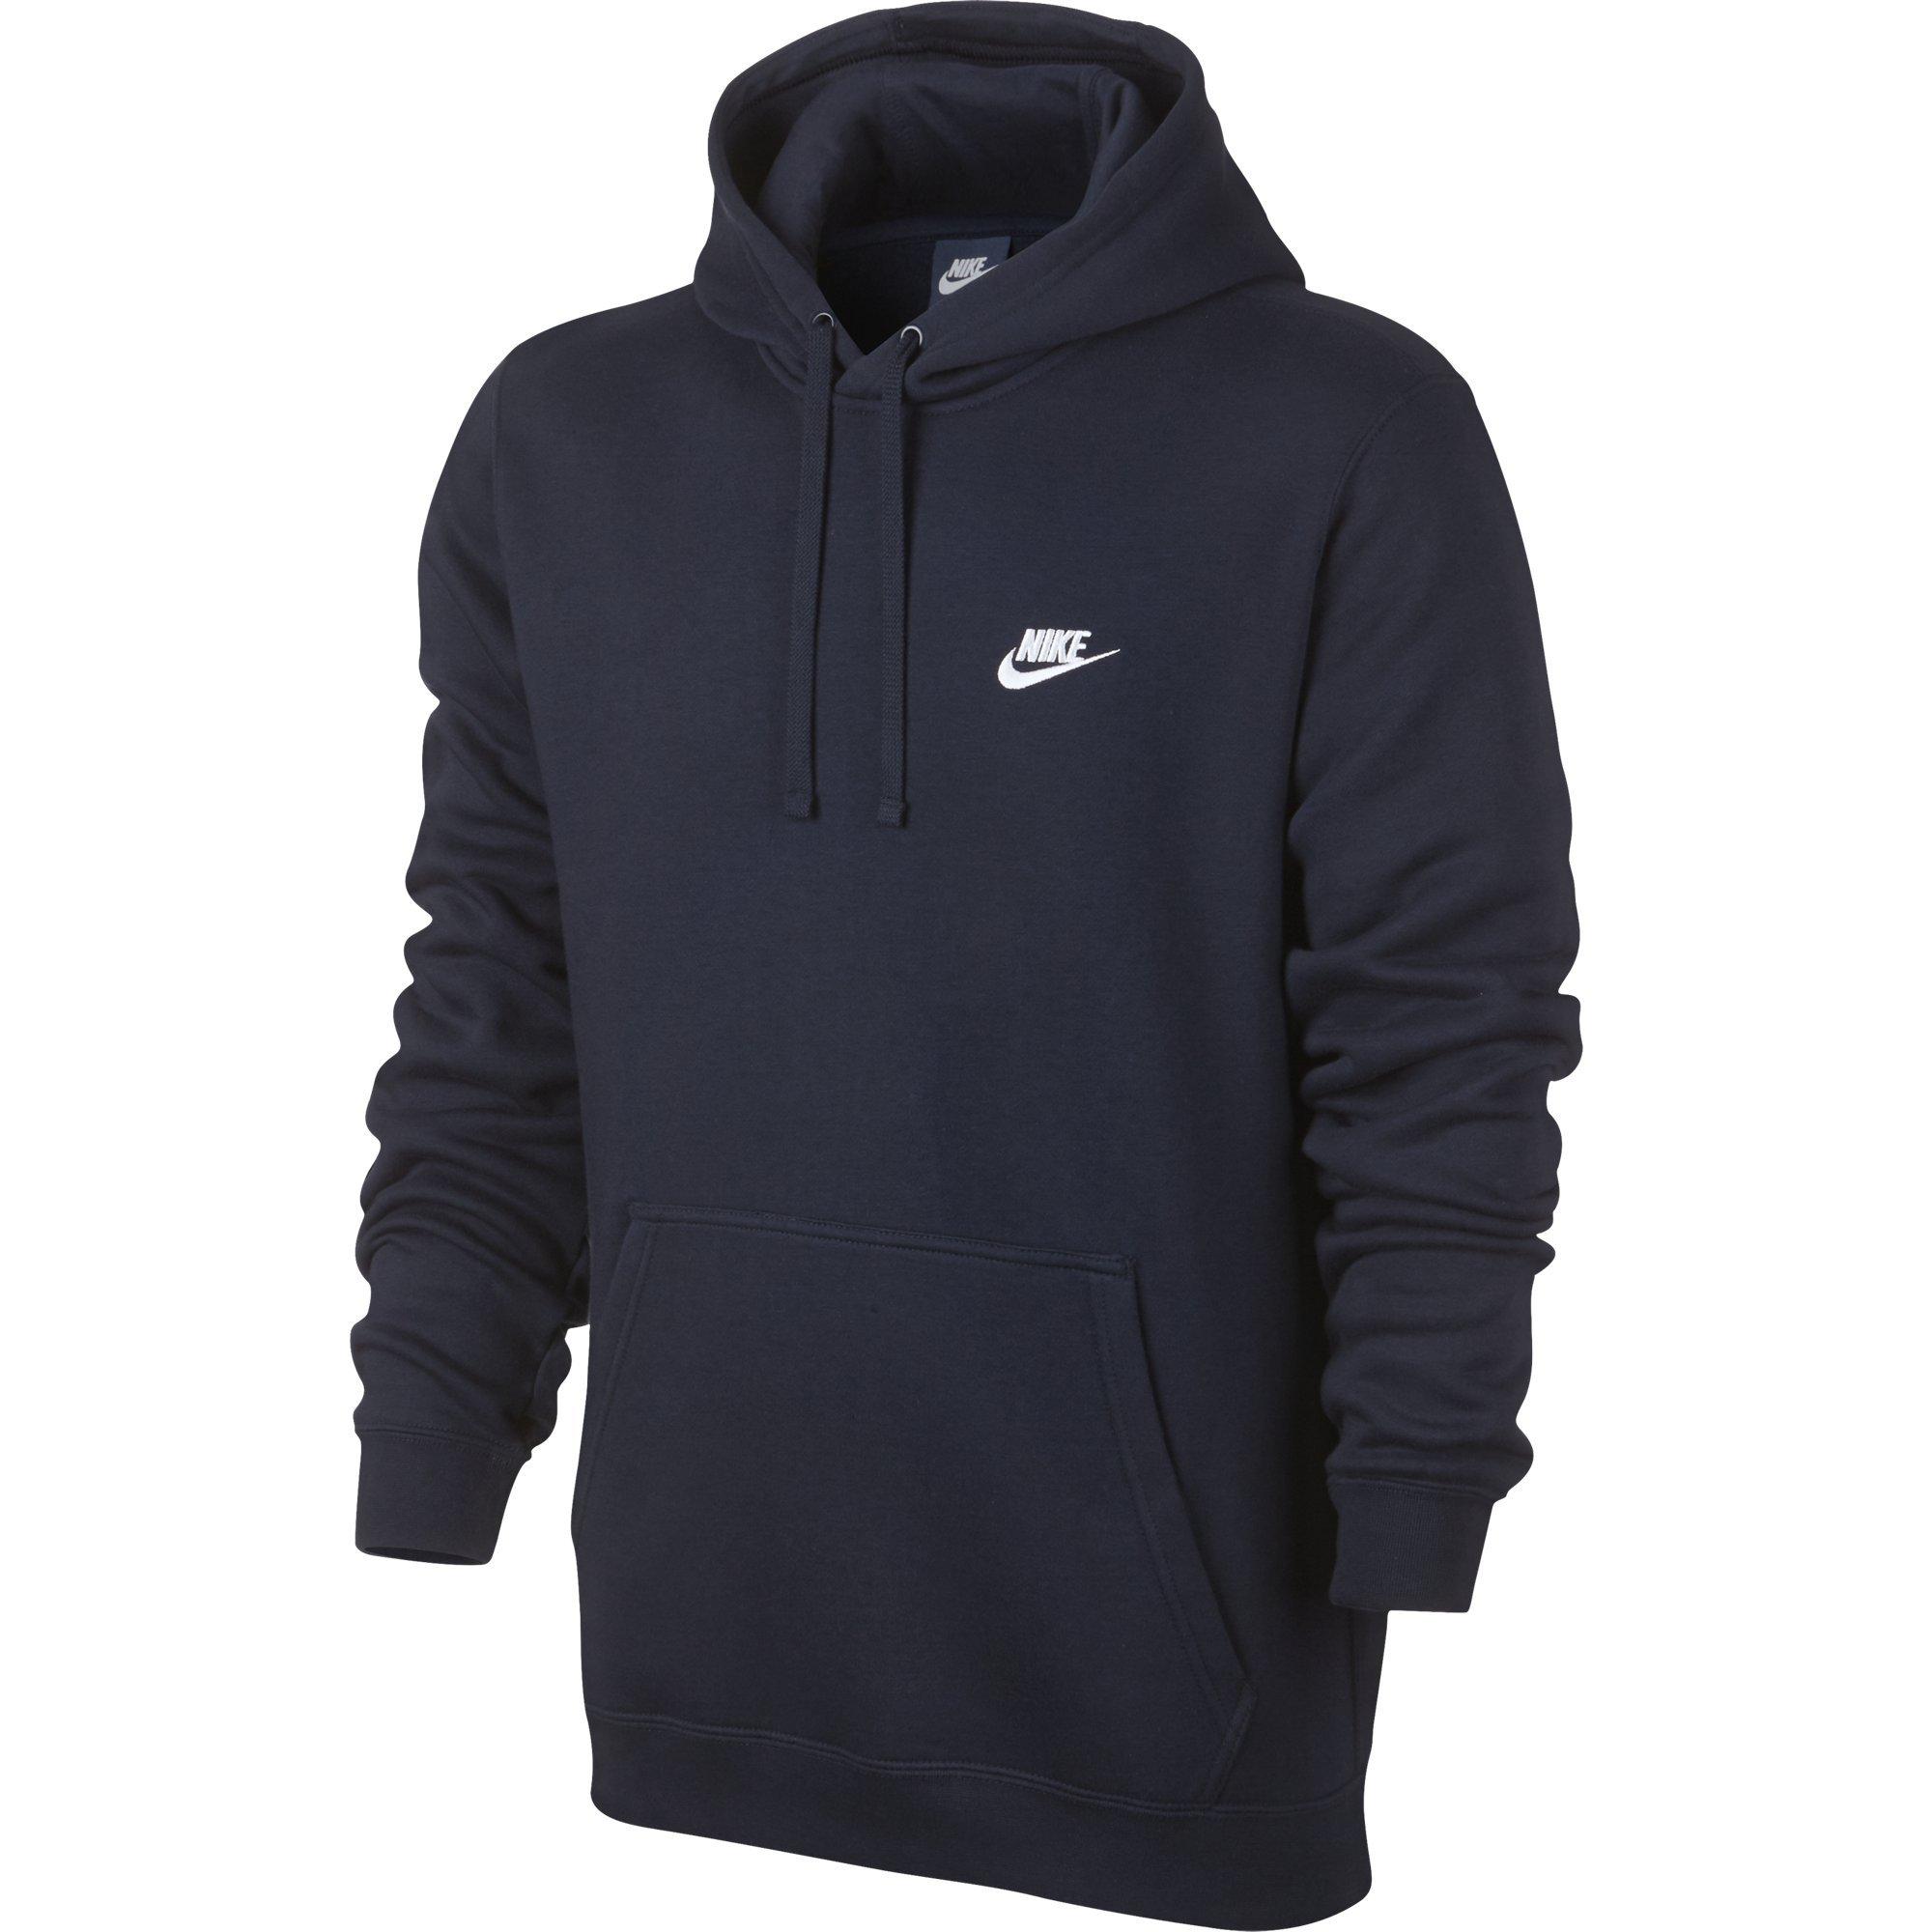 Men's Nike Sportswear Club Pullover Hoodie, Fleece Sweatshirt for Men with Paneled Hood, Obsidian/Obsidian/White, S